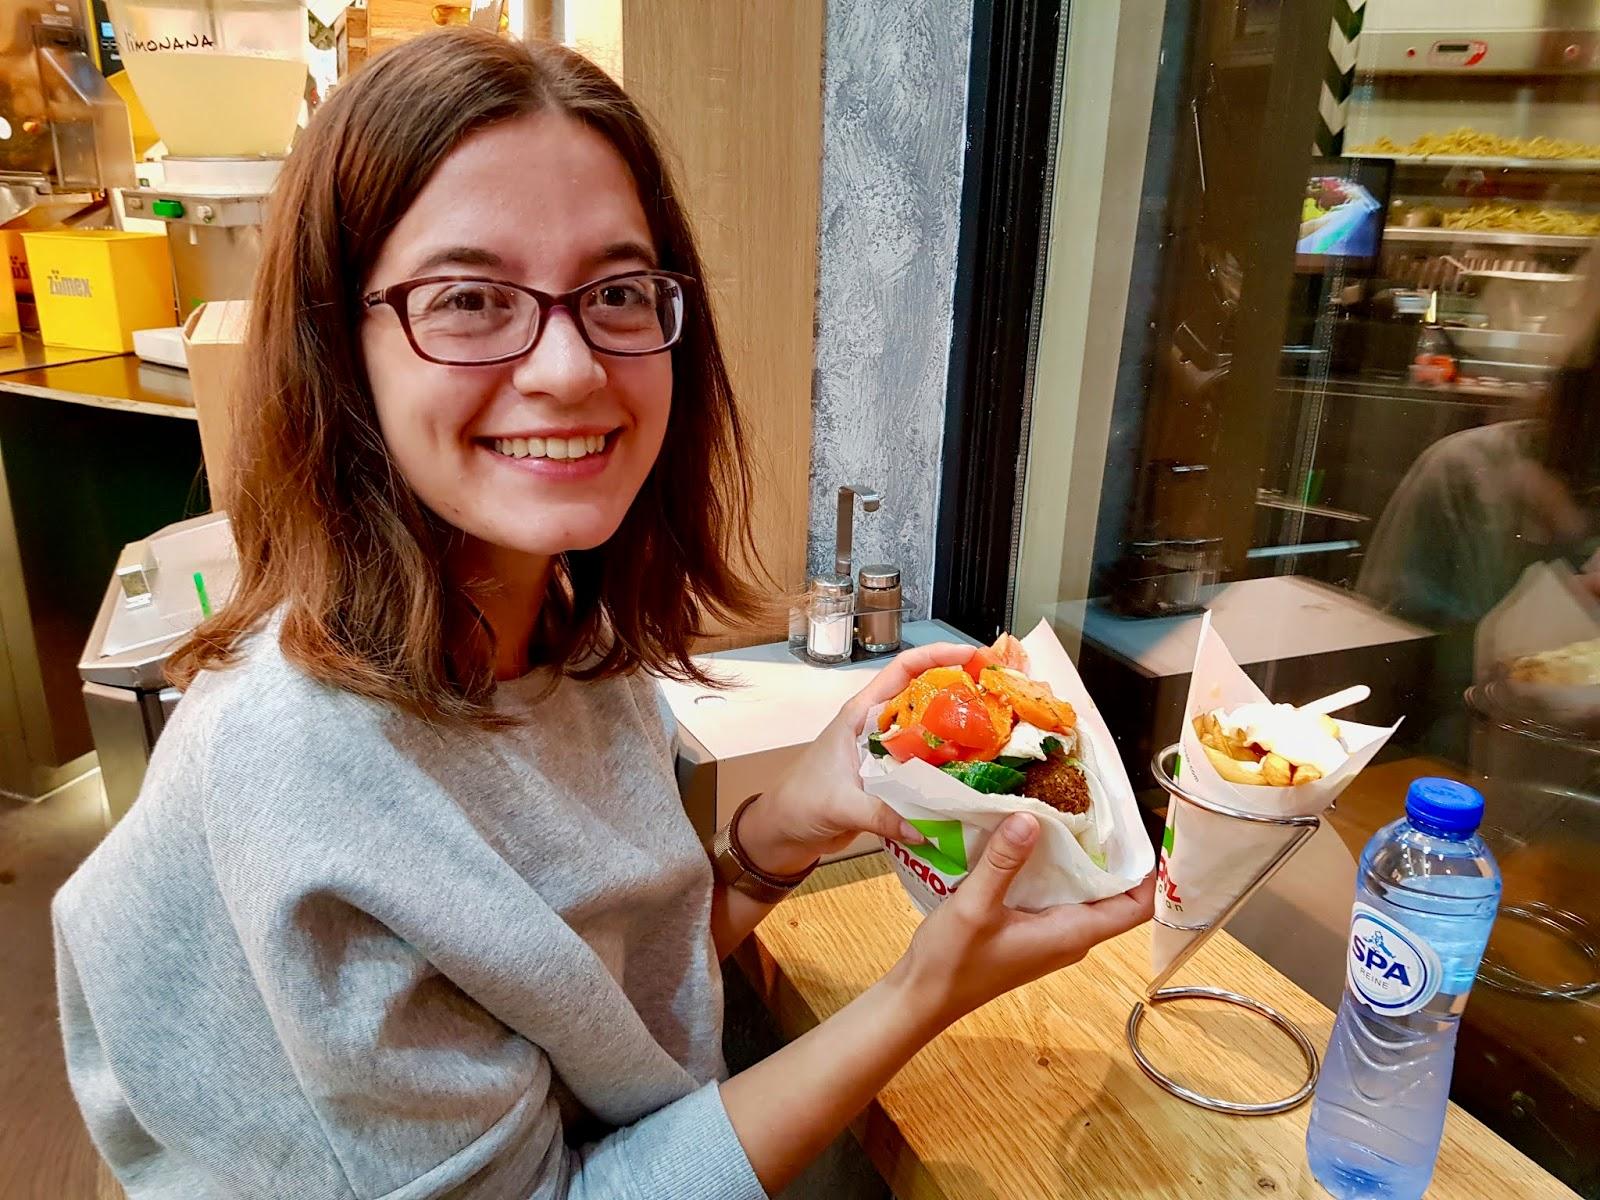 amsterdam vegetarian vegan food sandwich falafel